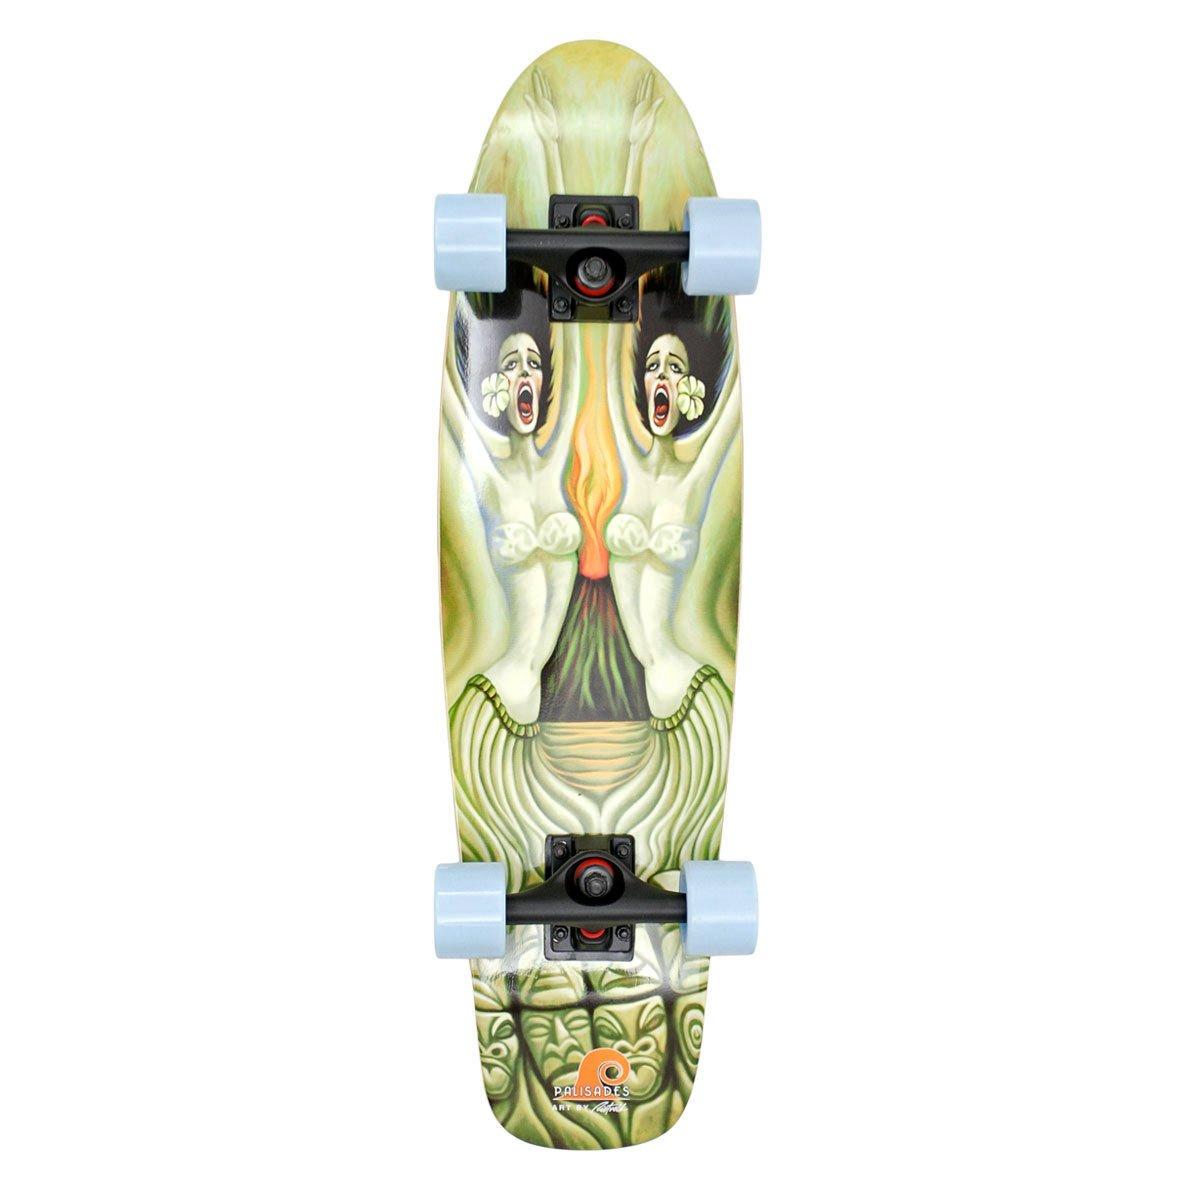 高速配送 Palisades Longboards Heavy Hula Mini 20cm Cruiser Complete Skateboard, Palisades 20cm Skateboard, x 70cm B00LOQQR6A, ファッション&グッズ Ring Dong:30814750 --- a0267596.xsph.ru